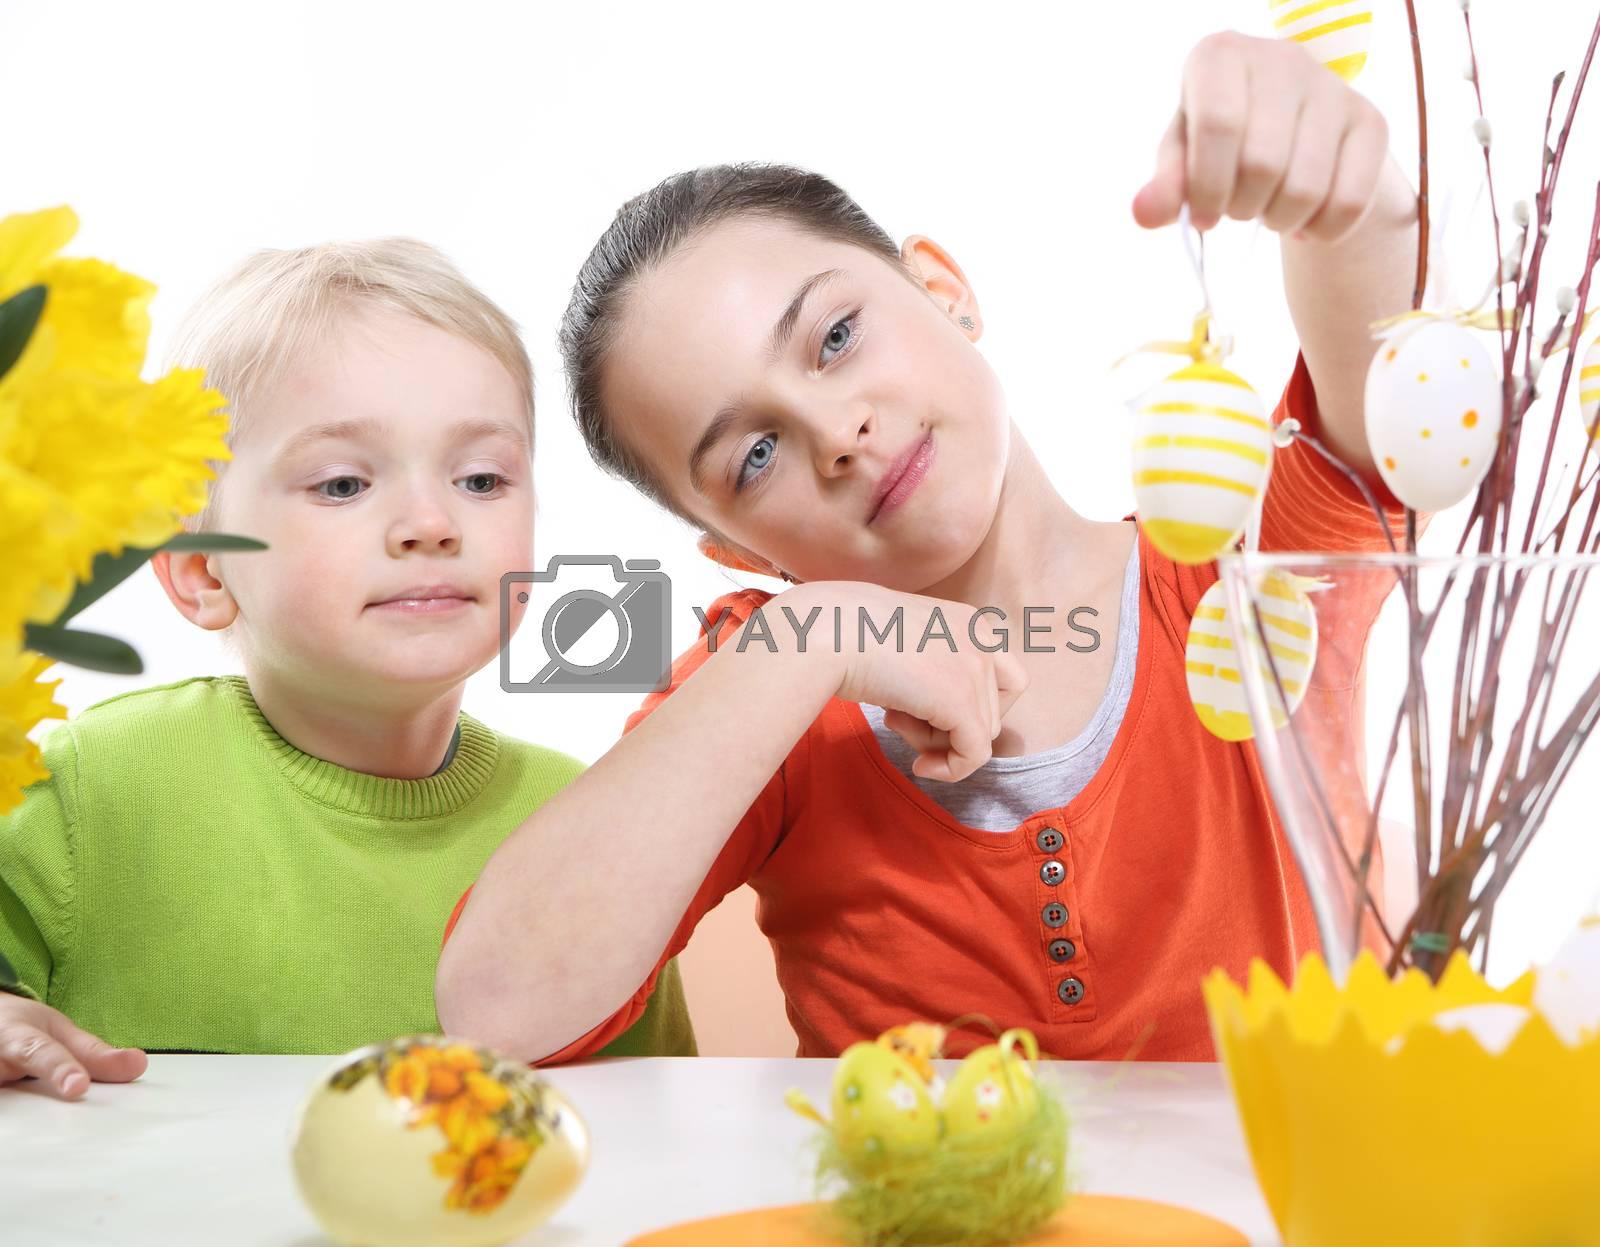 Family Easter- children decorates Easter eggs